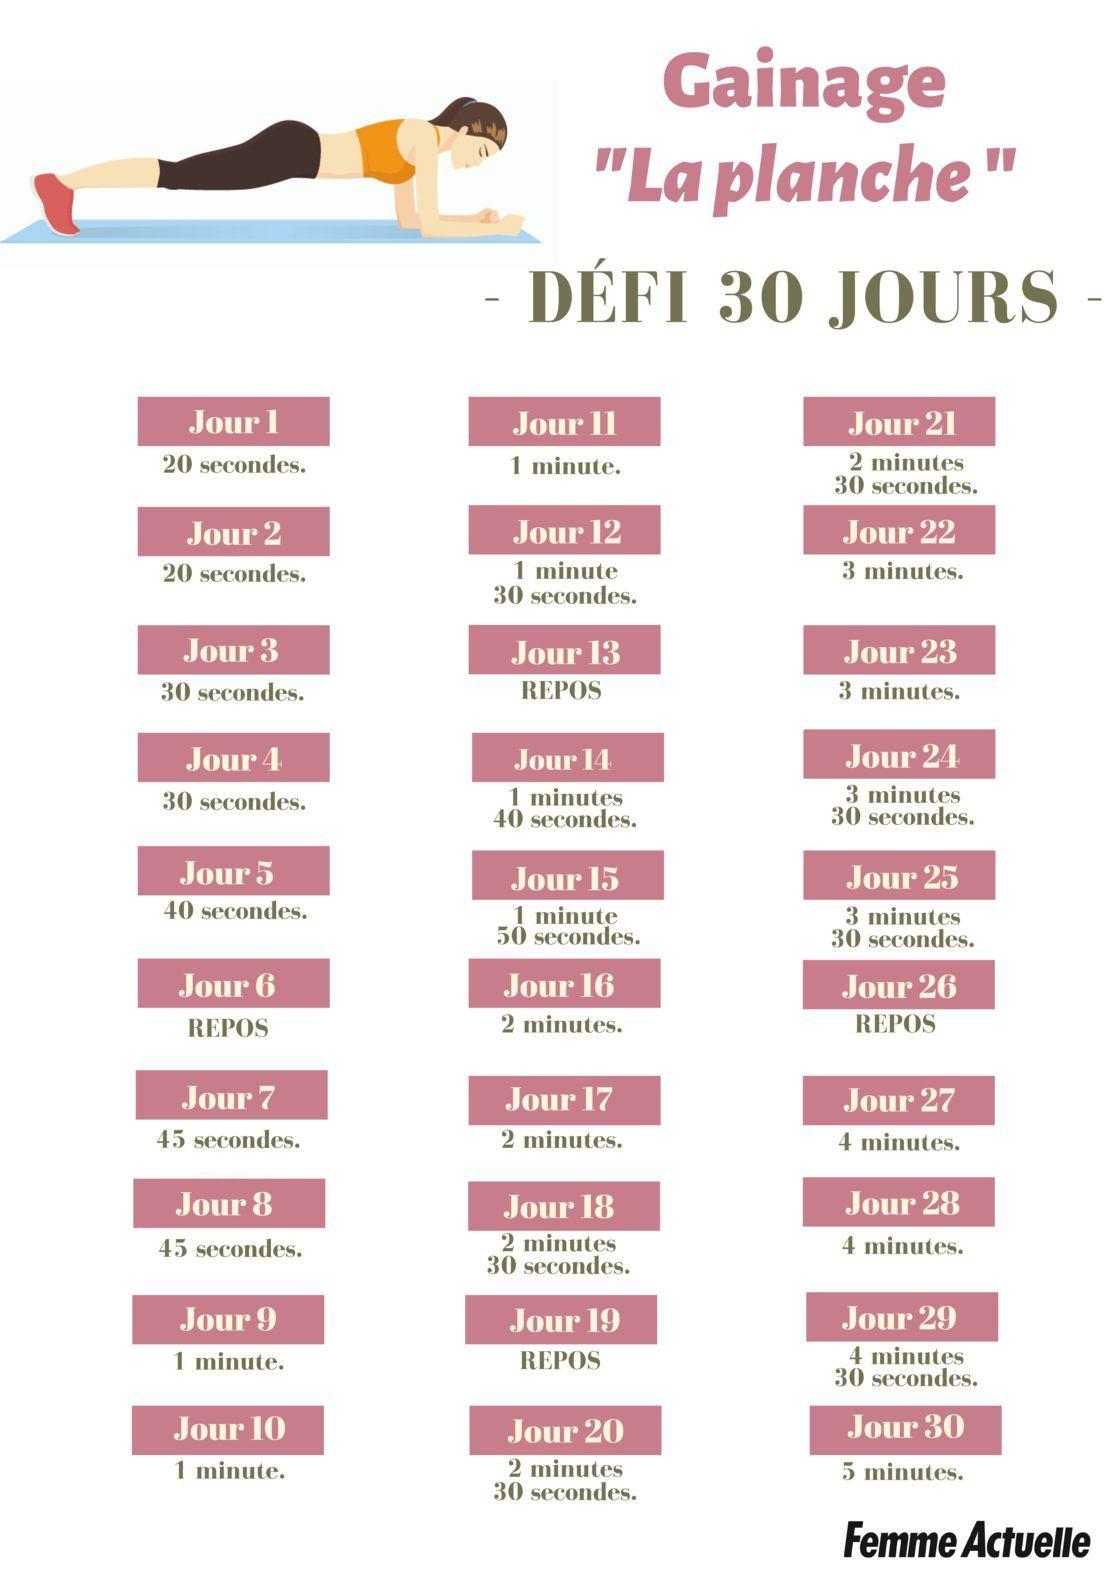 Défi gainage: 30 jours pour sculpter votre corps